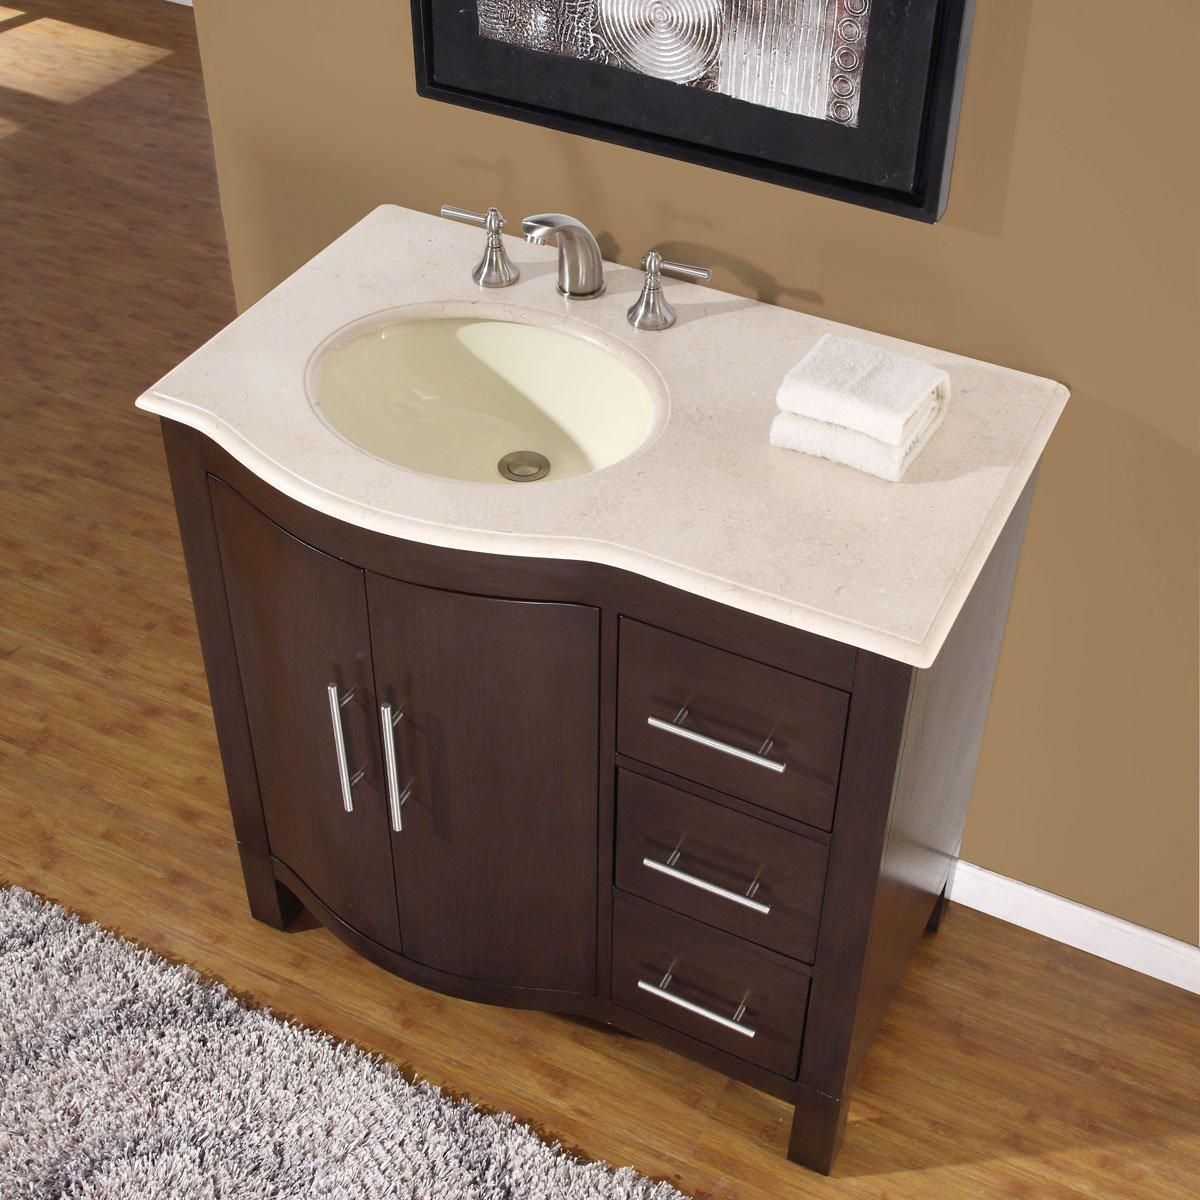 Home/Vanities/Single Vanities. Stufurhome Ariane 36 Inches Slate Gray  Single Vanity Cabinet Single Bathroom Sink